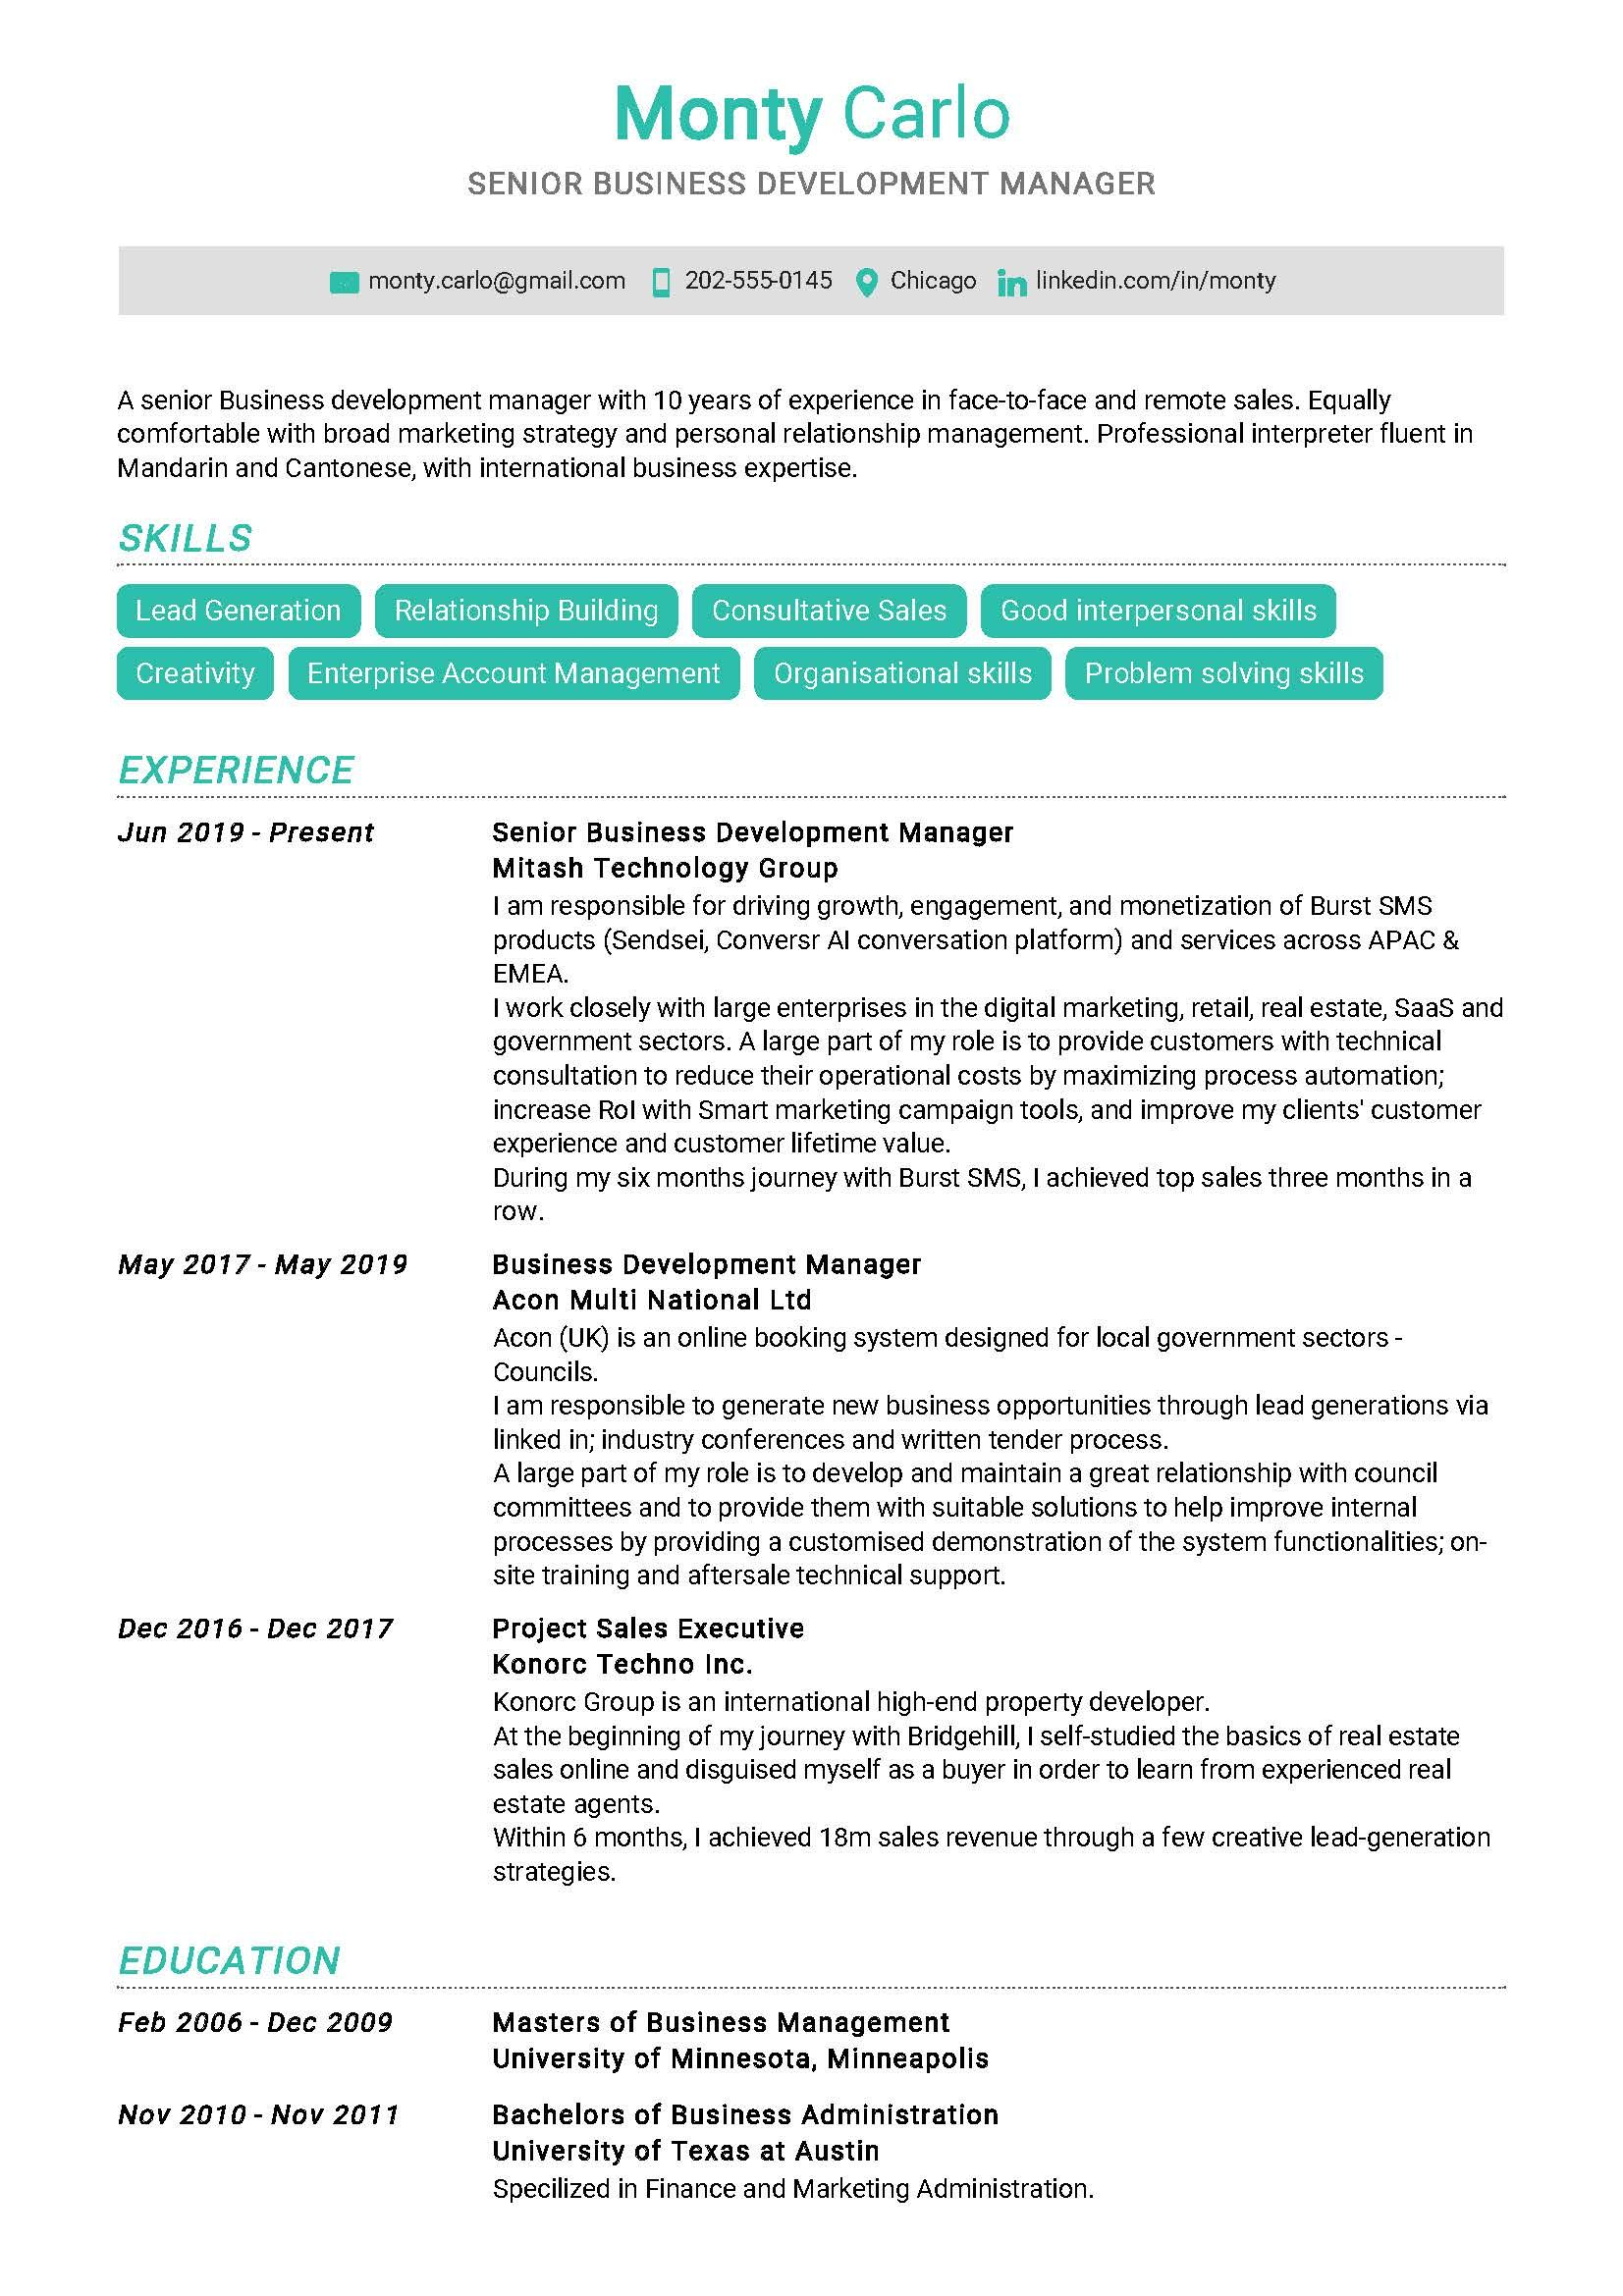 Senior business development manager sample resume in 2020